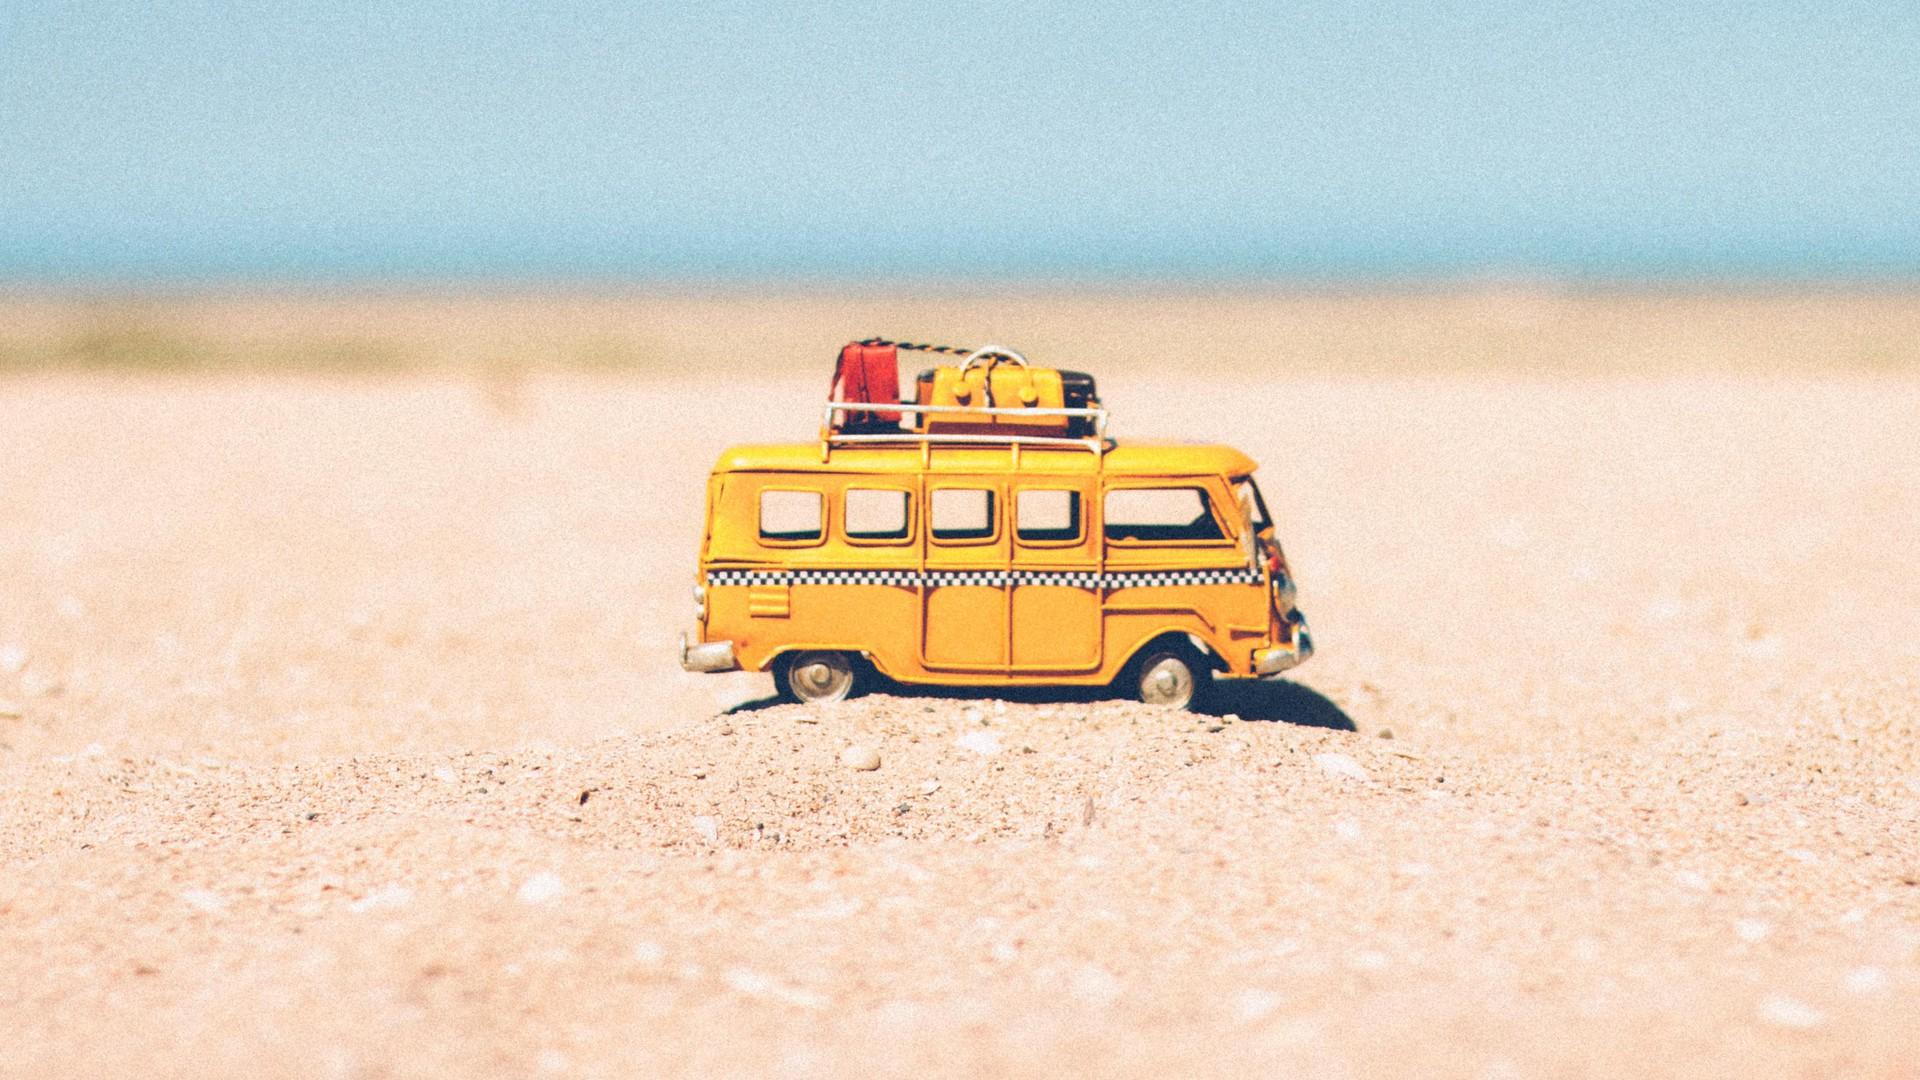 Reisebus-Urlaub-am-Strand.jpg